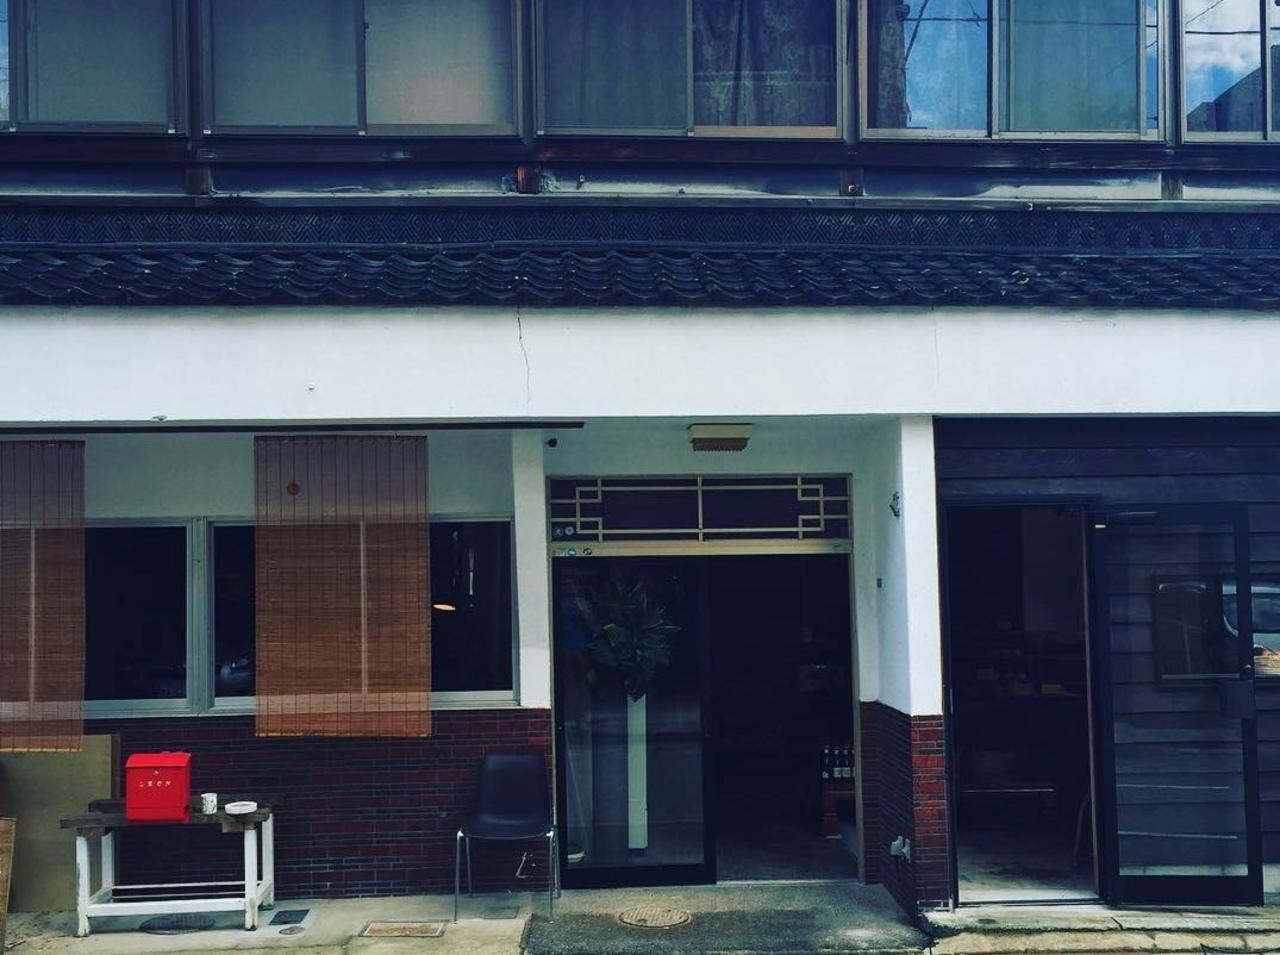 石川県金沢市武蔵町にローマピザとパンの店「レオン」がオープンされたようです。